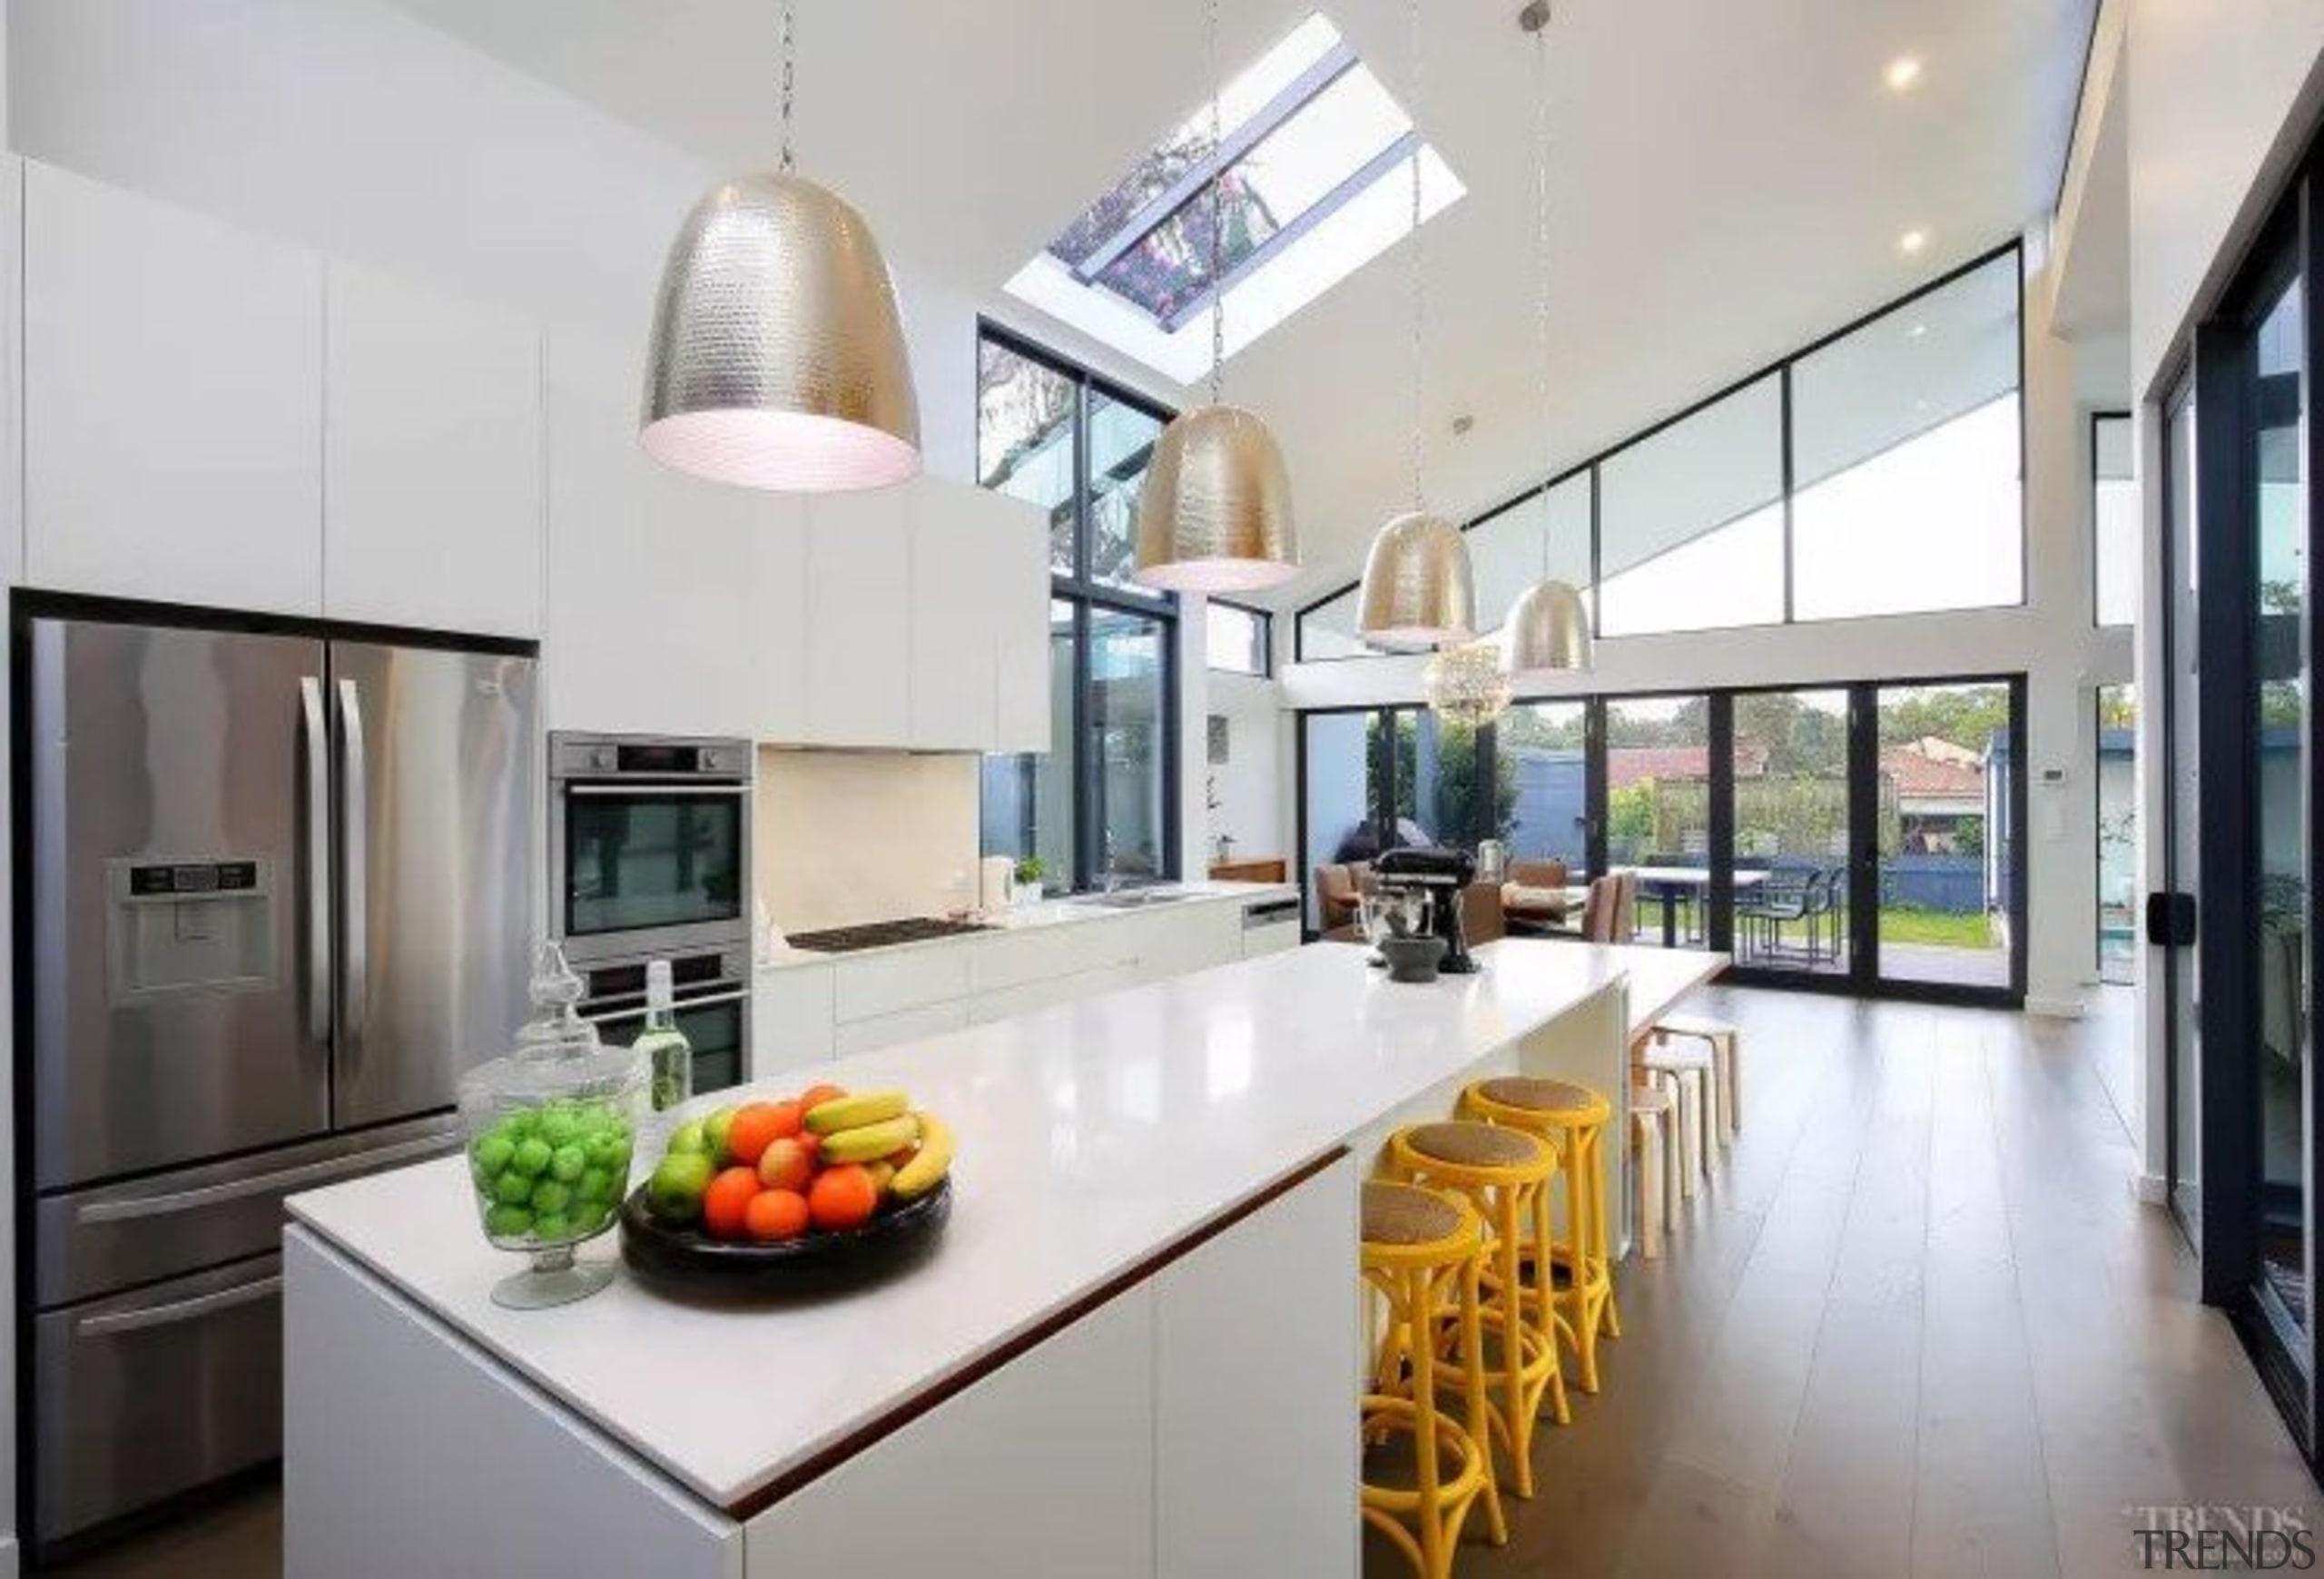 See the home condominium, countertop, interior design, kitchen, real estate, gray, white